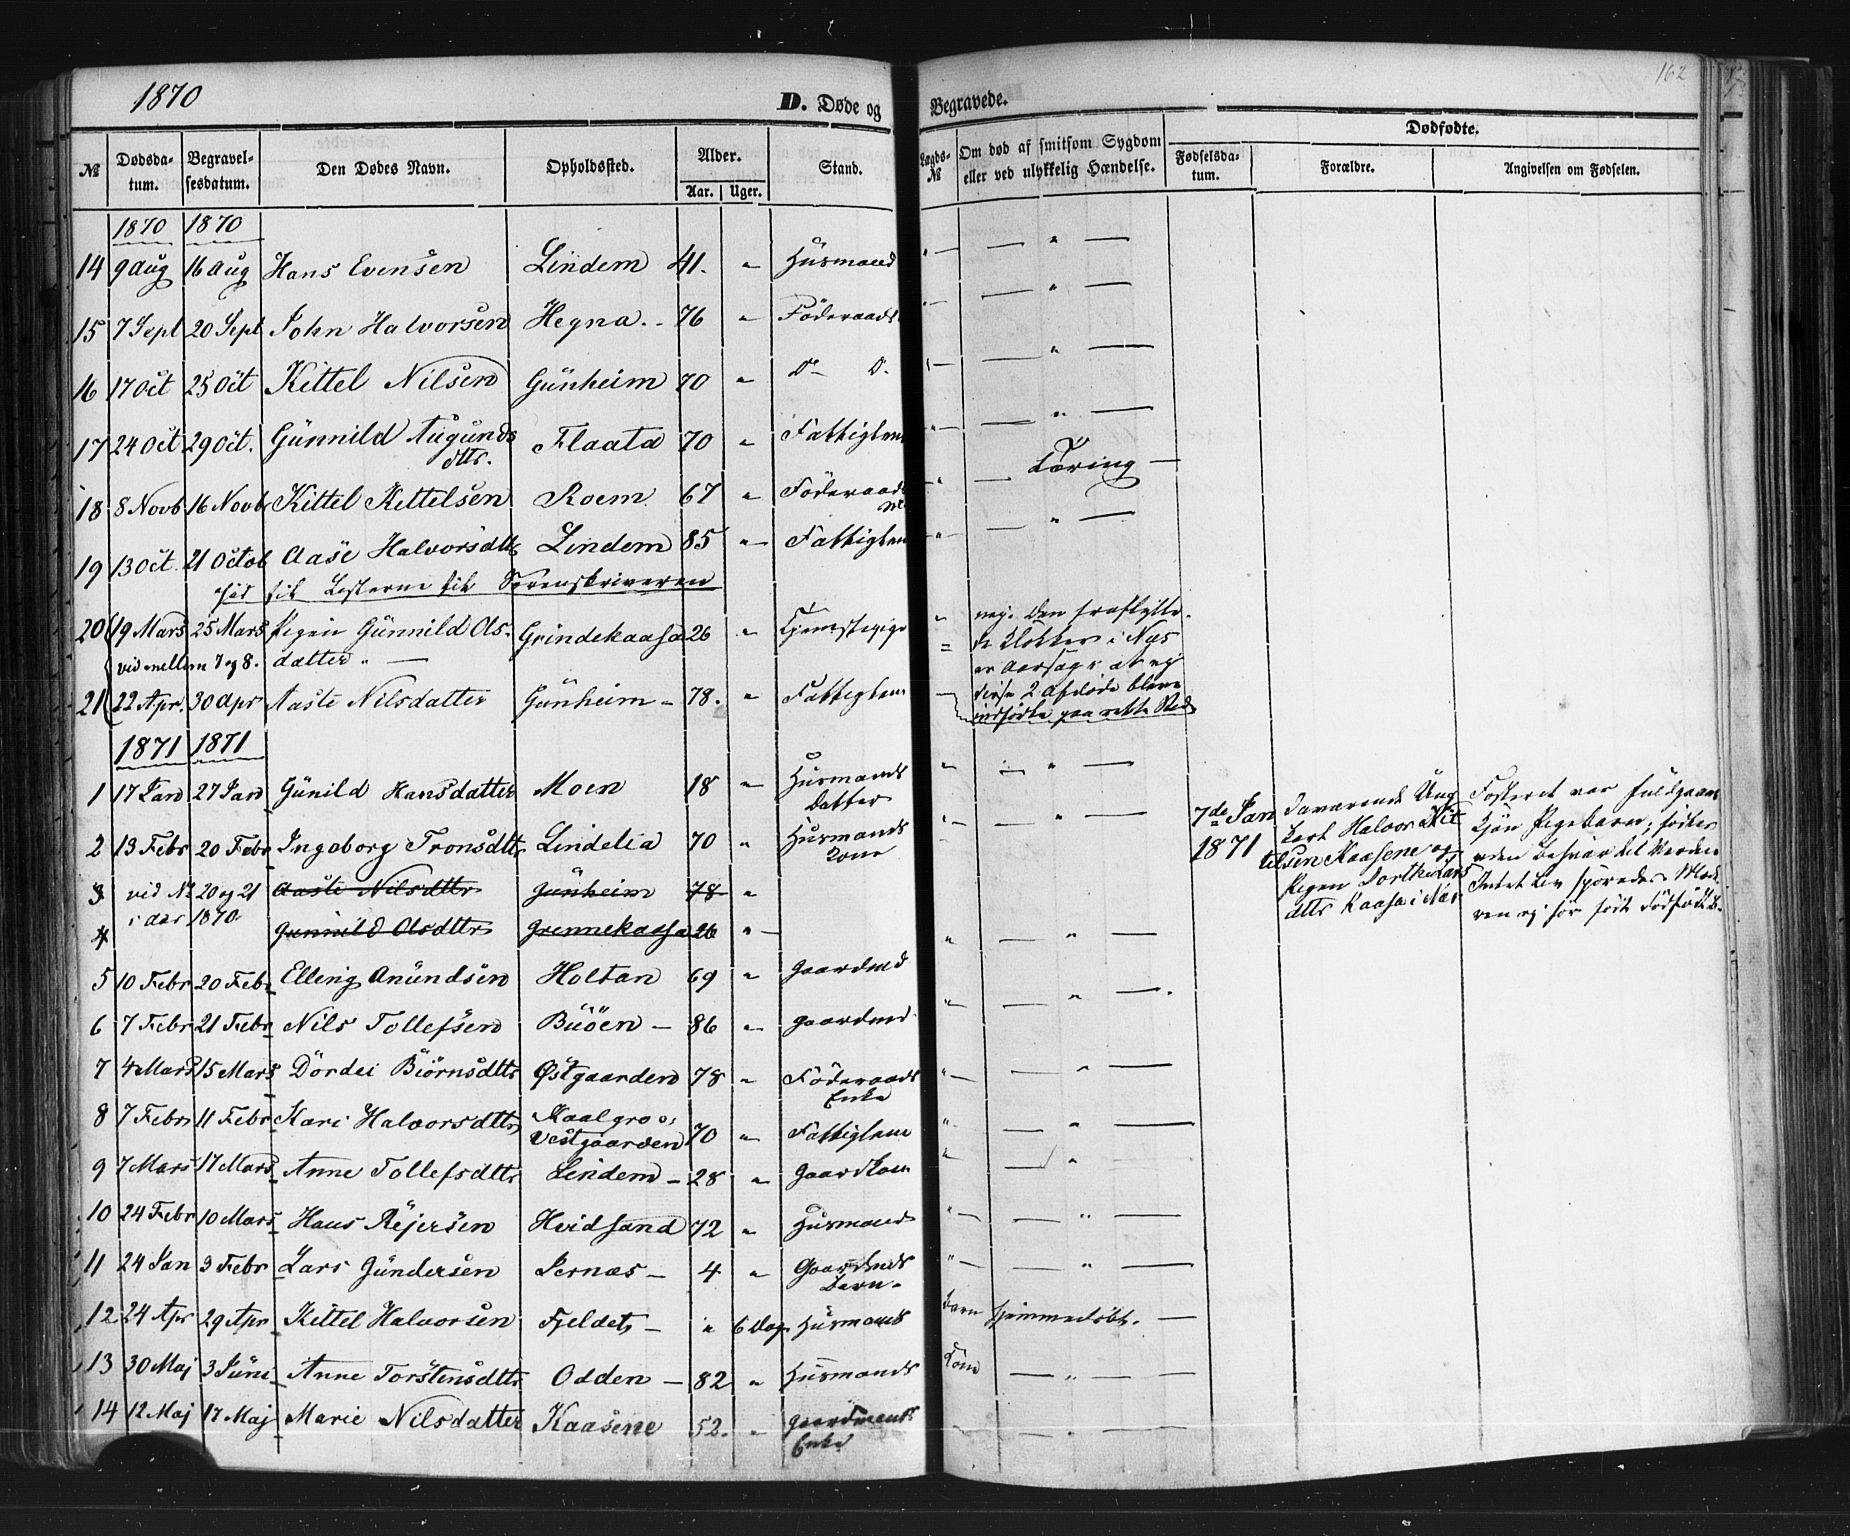 SAKO, Sauherad kirkebøker, F/Fb/L0001: Ministerialbok nr. II 1, 1851-1877, s. 162